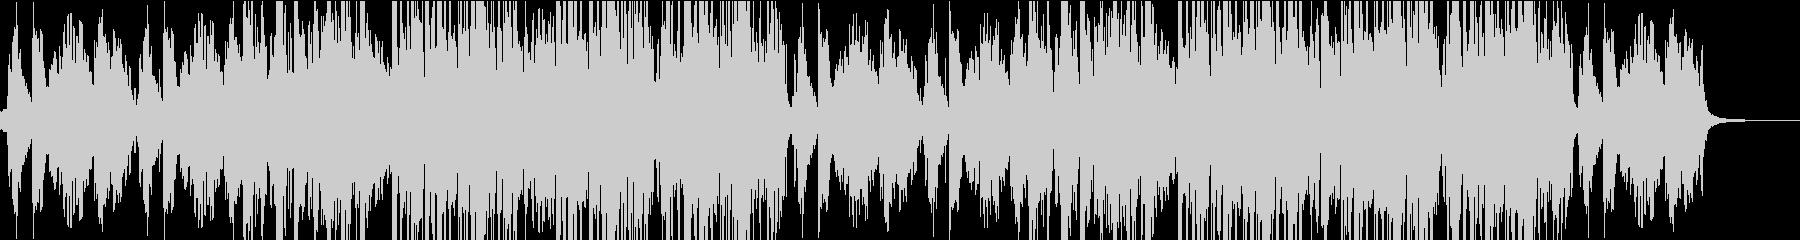 ヴィブラフォンのメロディが楽しいBGMの未再生の波形